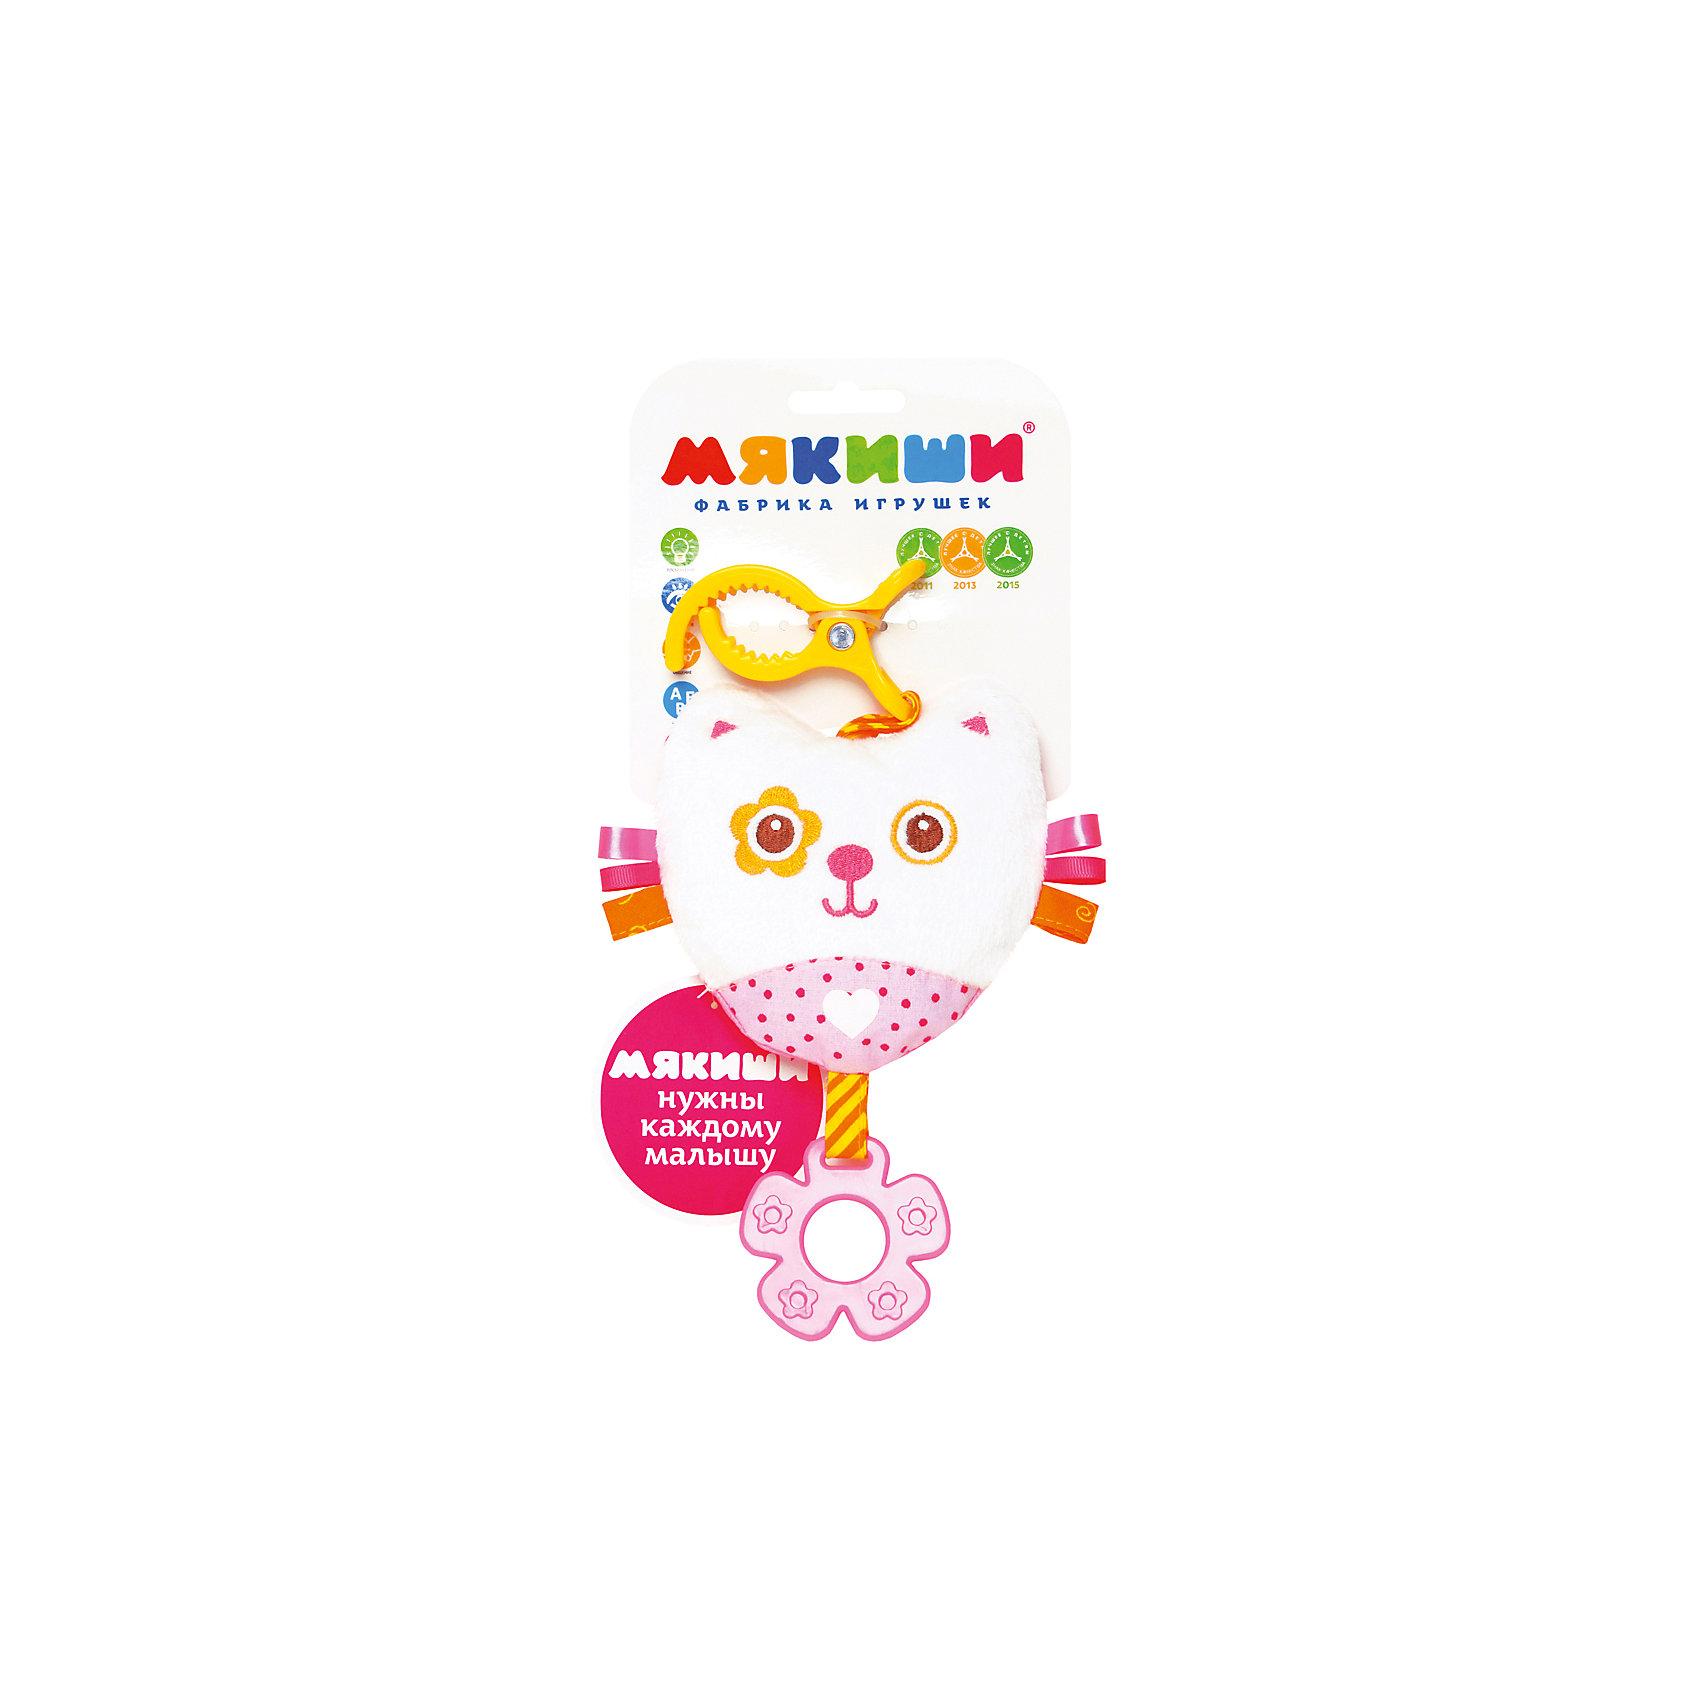 Подвеска Котенок, МякишиМягкие игрушки<br>Характеристики товара:<br><br>• материал: разнофактурный текстиль, холлофайбер<br>• комплектация: 1 шт<br>• размер игрушки: 16х29х4 см<br>• звуковой элемент<br>• клипса для крепления<br>• прорезыватель<br>• развивающая игрушка<br>• упаковка: ламинированный картонный холдер<br>• страна бренда: РФ<br>• страна изготовитель: РФ<br><br>Малыши активно познают мир и тянутся к новой информации. Чтобы сделать процесс изучения окружающего пространства интереснее, ребенку можно подарить развивающие игрушки. В процессе игры информация усваивается намного лучше!<br>Такие игрушки помогут занять малыша, играть ими приятно и весело. Одновременно они позволят познакомиться со многими цветами, фактурами, а также научиться извлекать звук. Подобные игрушки развивают тактильные ощущения, моторику, цветовосприятие, логику, воображение, учат фокусировать внимание. Каждое изделие абсолютно безопасно – оно создано из качественной ткани с мягким наполнителем. Игрушки производятся из качественных и проверенных материалов, которые безопасны для детей.<br><br>Подвеску Котенок от бренда Мякиши можно купить в нашем интернет-магазине.<br><br>Ширина мм: 320<br>Глубина мм: 150<br>Высота мм: 40<br>Вес г: 40<br>Возраст от месяцев: 12<br>Возраст до месяцев: 36<br>Пол: Женский<br>Возраст: Детский<br>SKU: 5183209